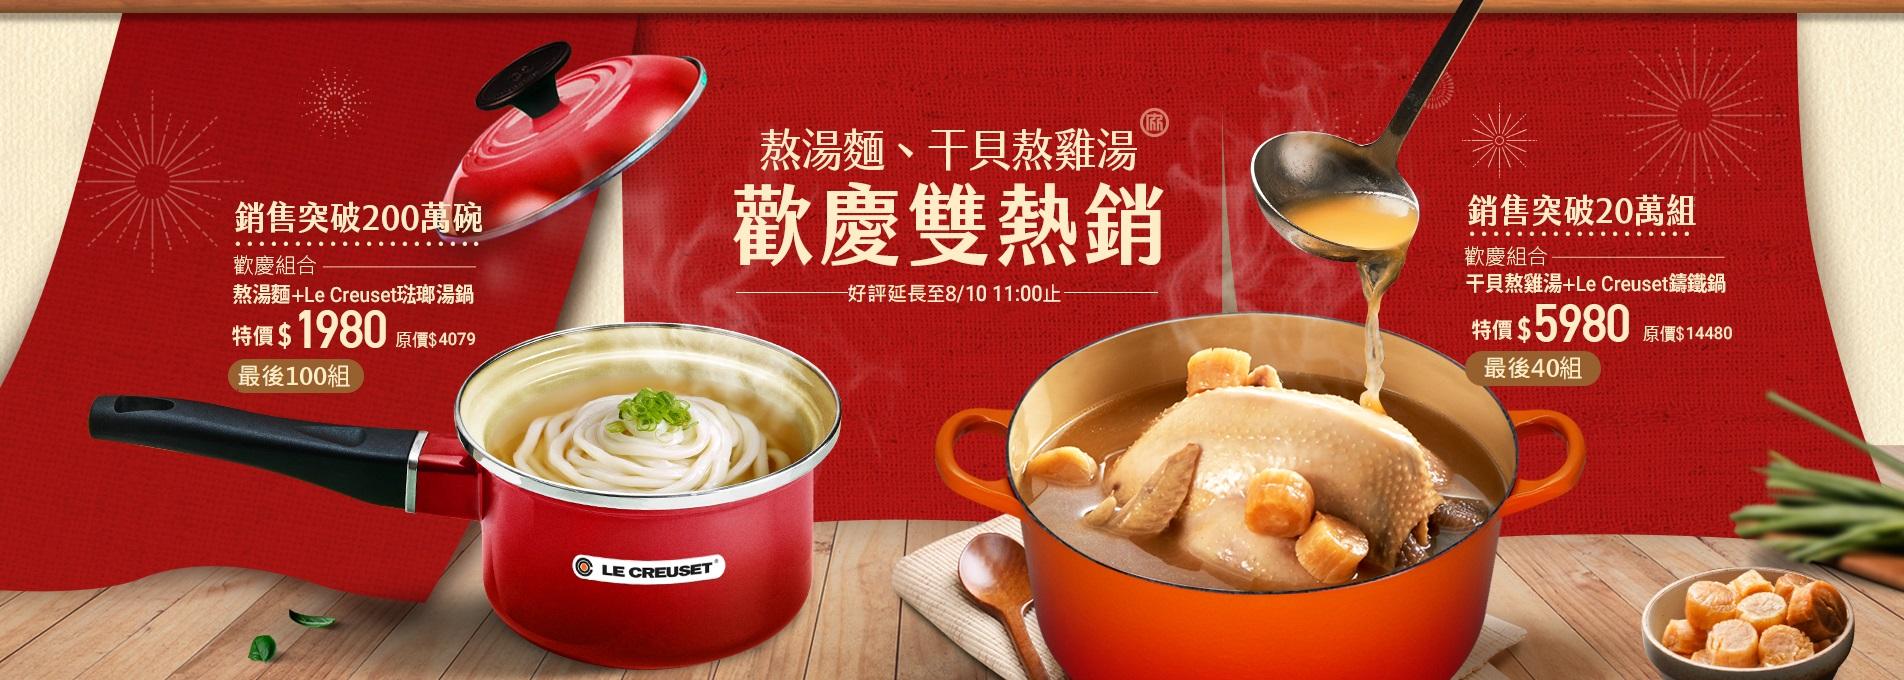 熬湯麵(6人份)+Le Creuset琺瑯湯鍋16cm(薄荷綠)